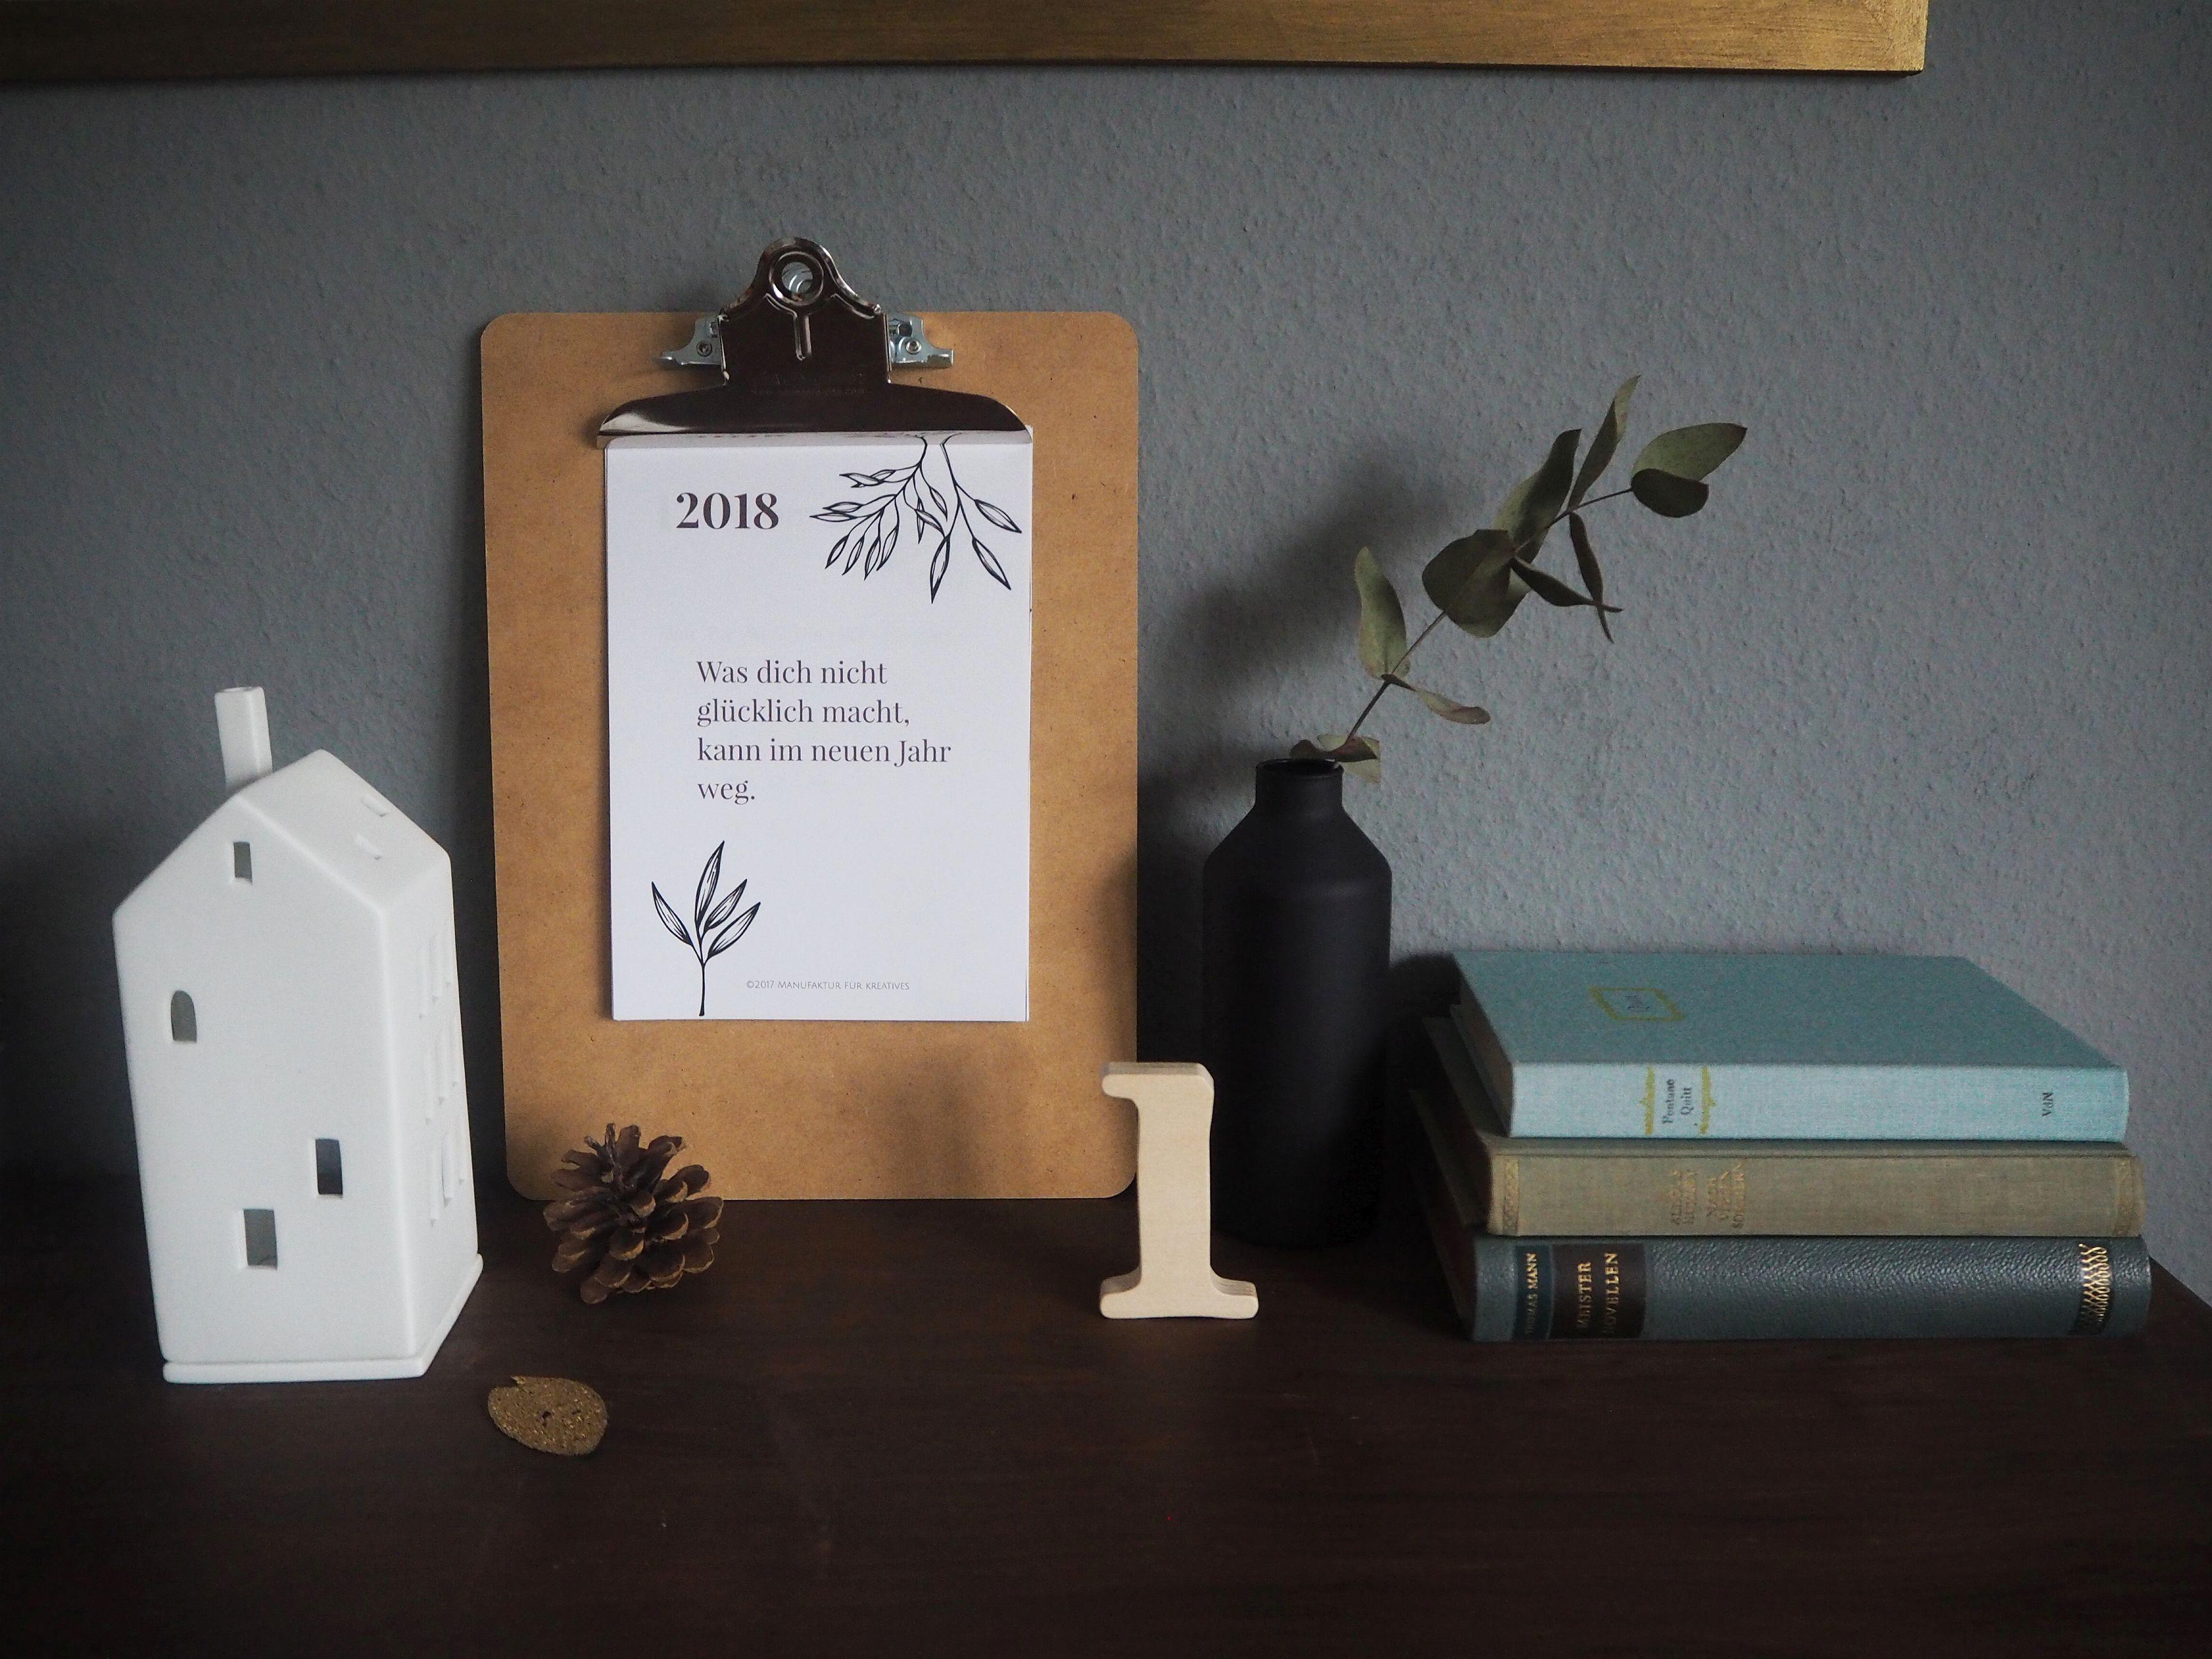 2018-01-skoen-och-kreativ-grafikdesign-kalenderliebe-neues-jahr-neuer-kalender (1)